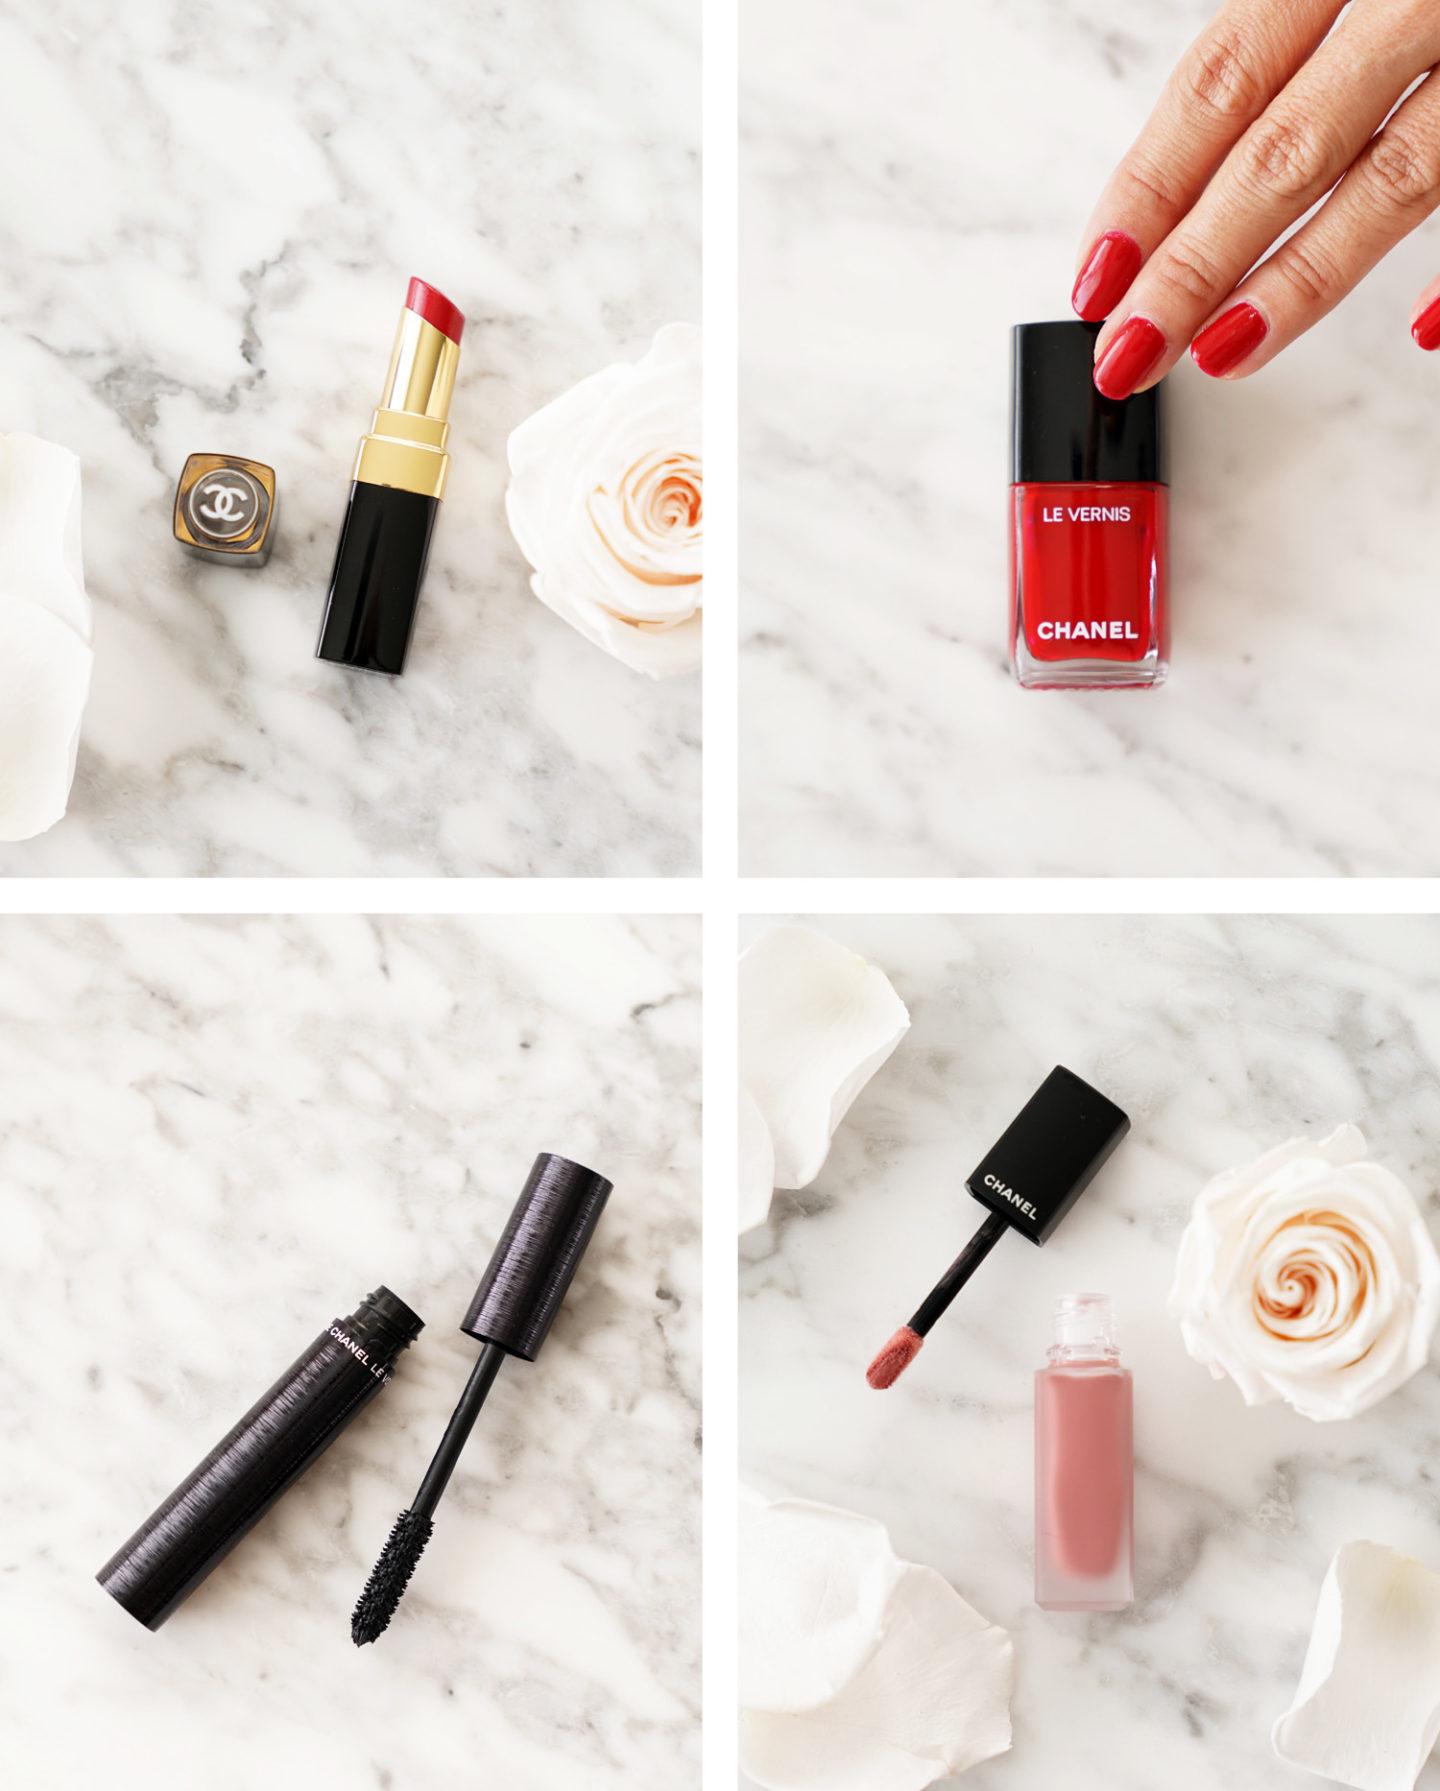 Guide cadeaux maquillage de luxe Fête des mères Rouge Coco Flash Amour, Le Vernis Pirate, Mascara